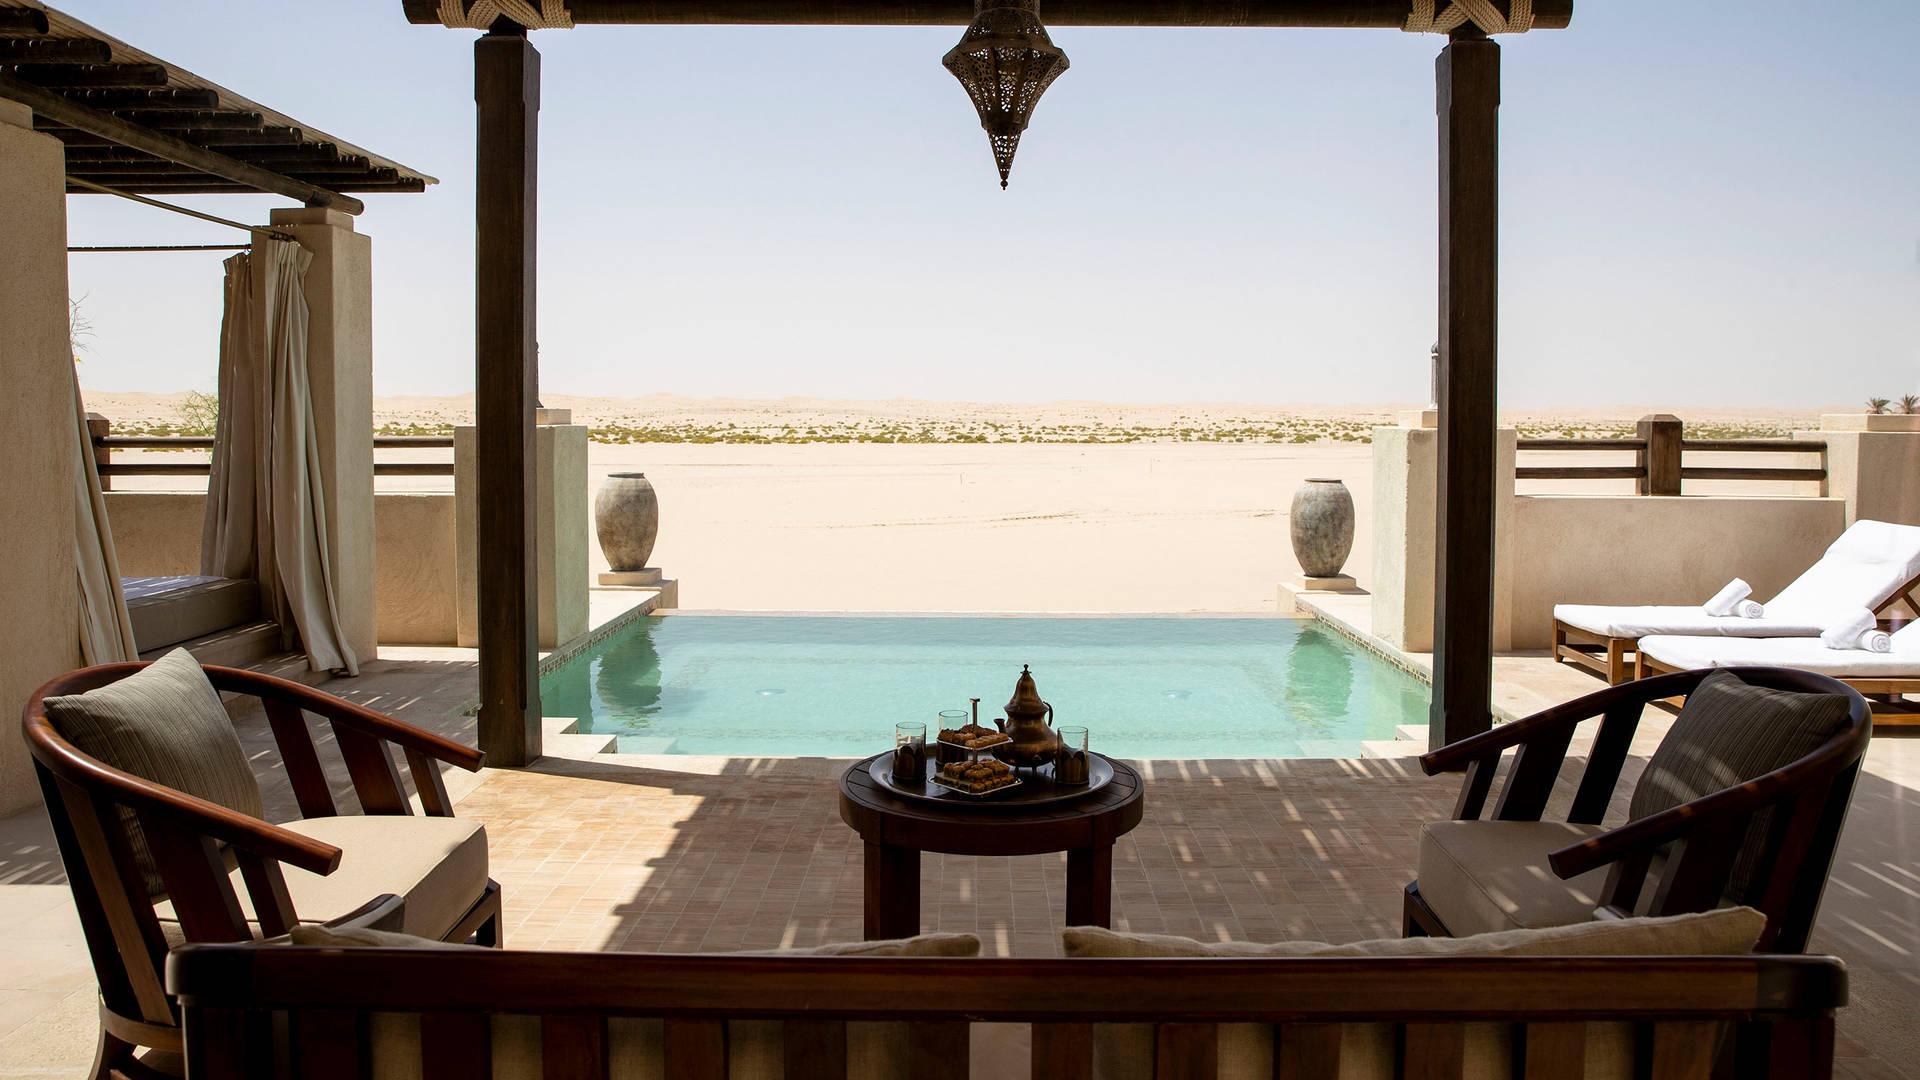 View at the pool of One Bedroom Villa at Jumeirah Al Wathba Desert Resort & Spa